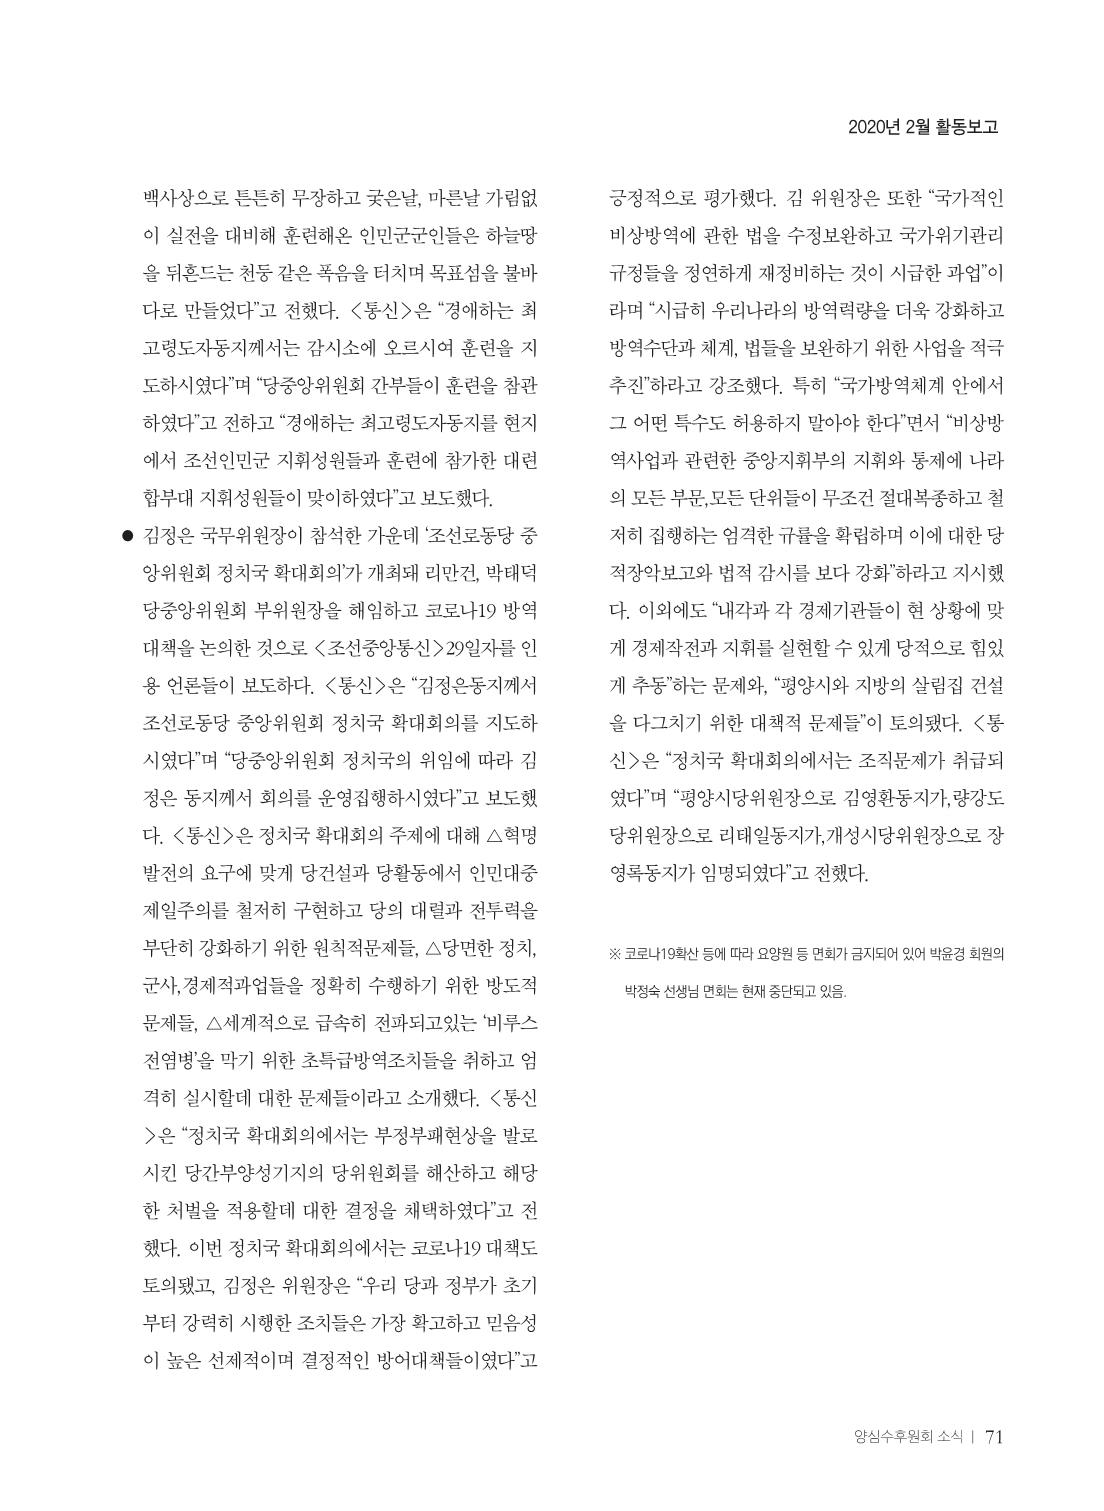 45cfe4c7-a26e-4b55-9dc7-306310e81365.pdf-0073.jpg